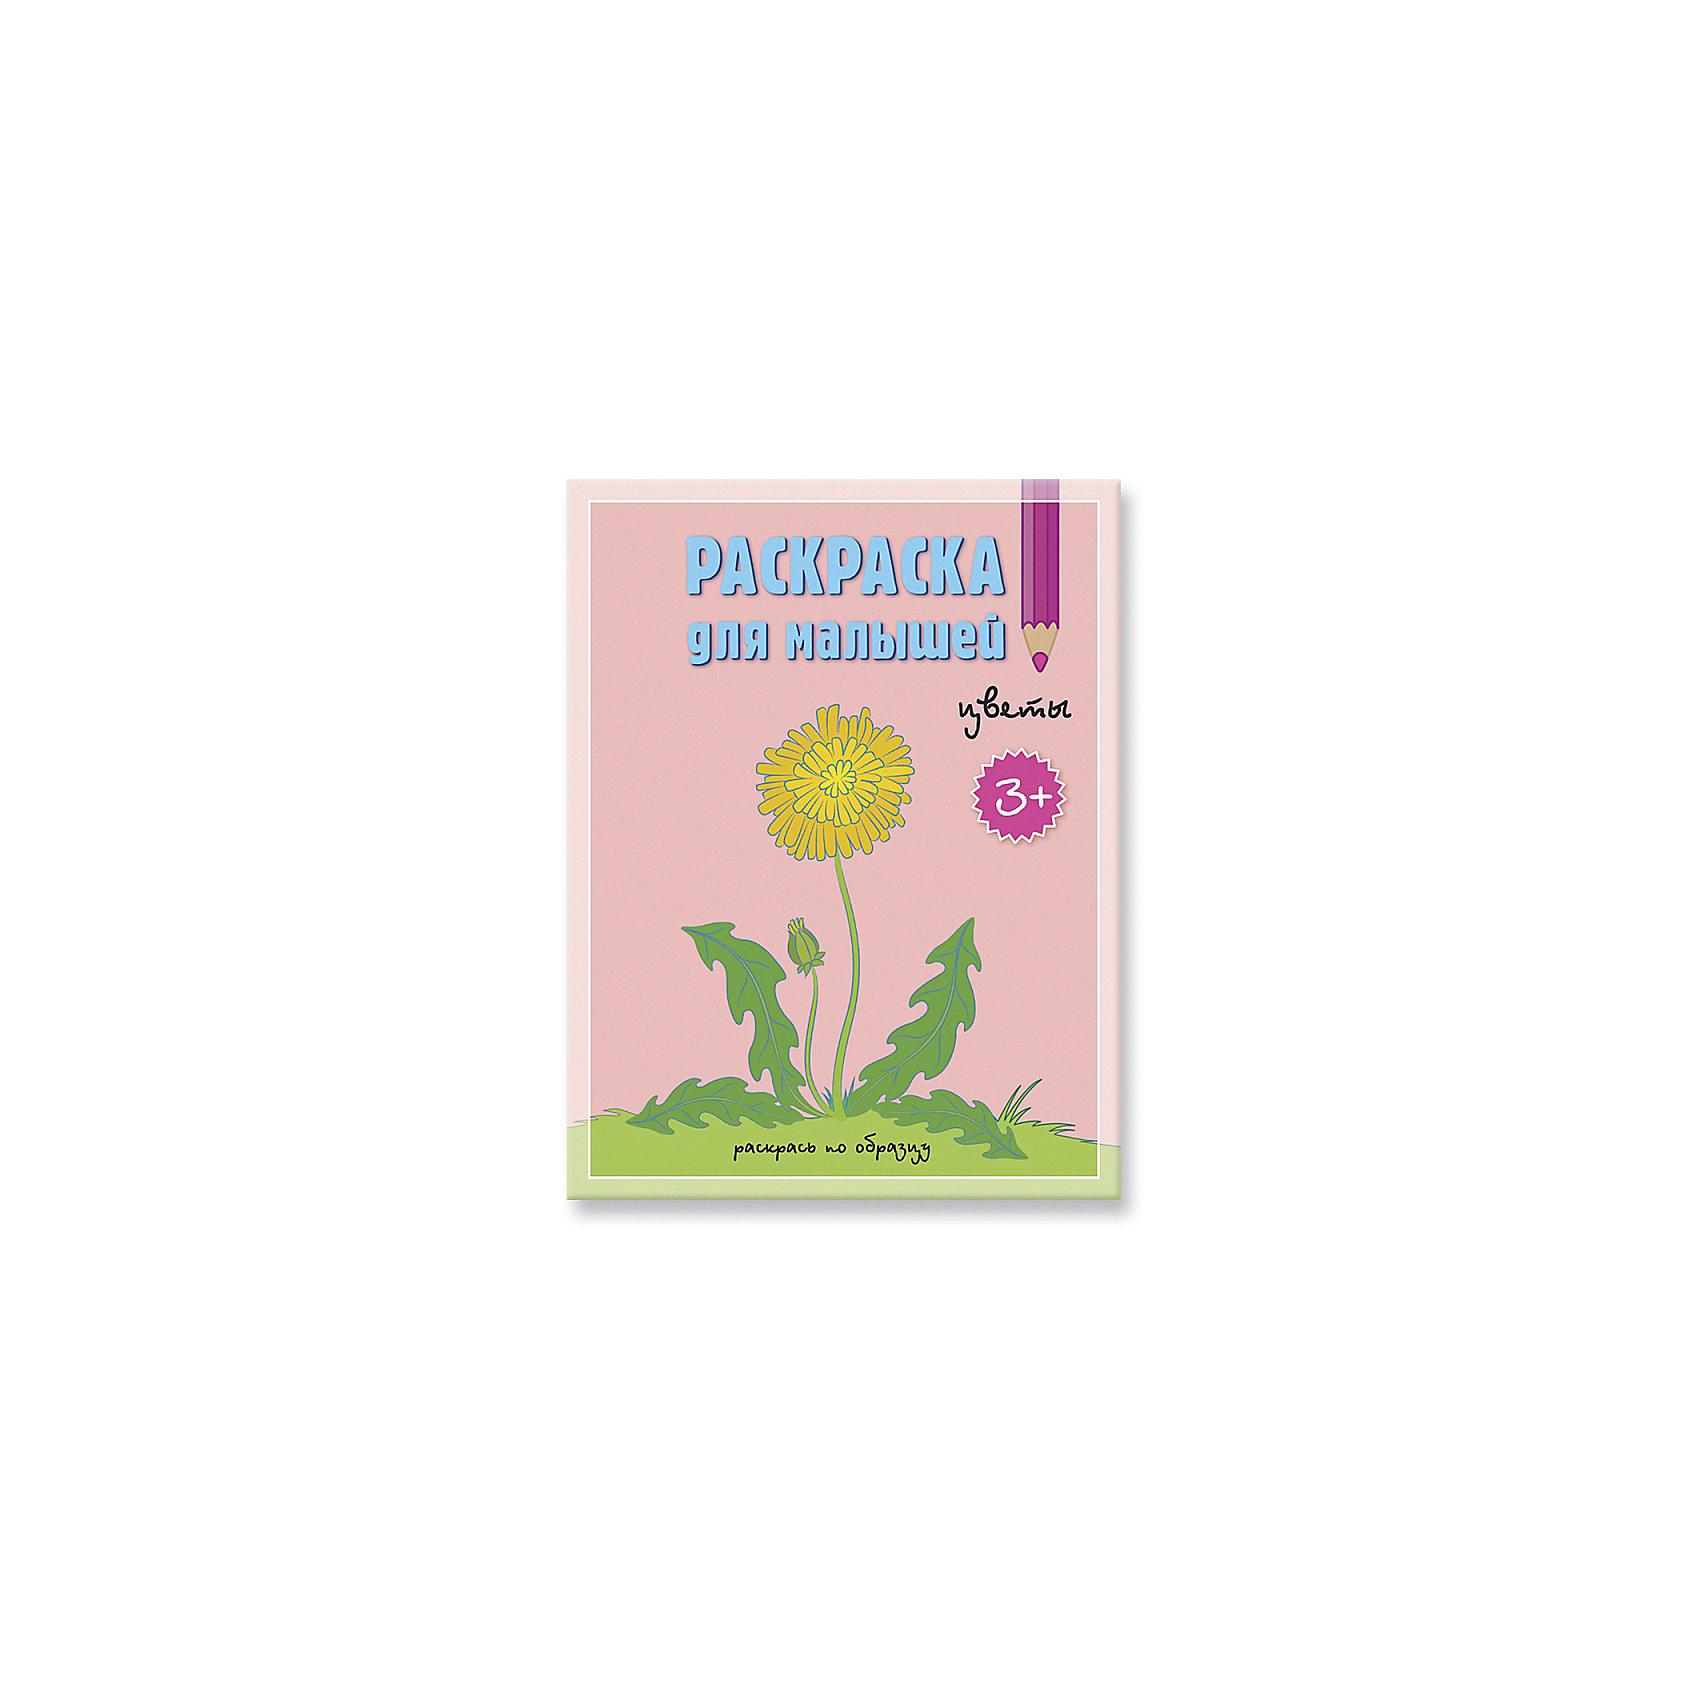 Раскраска для малышей ЦветыРаскраска для малышей Цветы<br><br>Характеристики:<br><br>• В набор входит: раскраска, карандаши<br>• Размер раскраски: 14,8 * 21 см.<br>• Количество страниц: 12<br>• Состав: бумага, картон<br>• Вес: 60 г.<br>• Для детей в возрасте: от 3 до 7 лет<br>• Страна производитель: Россия<br><br>Крупные рисунки цветов подписаны и представлены с примером раскрашивания, на каждом цветке представлено по 4-5 оттенков одного цвета, чтобы малыш смог научиться видеть и использовать тени. Все нарисованные детали представлены в крупном формате, чтобы ребёнку было легко. Красивые рисунки нарцисса, ландыша, тюльпана и не только, привлекут интерес и расширят кругозор. Эти раскраски интереснее раскрашивать карандашами с большим количеством цветов, но для начинающих художников в набор входят четыре стандартных цветных карандаша, с помощью которых можно будет раскрасить все картинки.<br><br>Раскраску для малышей Цветы можно купить в нашем интернет-магазине.<br><br>Ширина мм: 210<br>Глубина мм: 165<br>Высота мм: 2<br>Вес г: 60<br>Возраст от месяцев: 36<br>Возраст до месяцев: 48<br>Пол: Унисекс<br>Возраст: Детский<br>SKU: 5423024